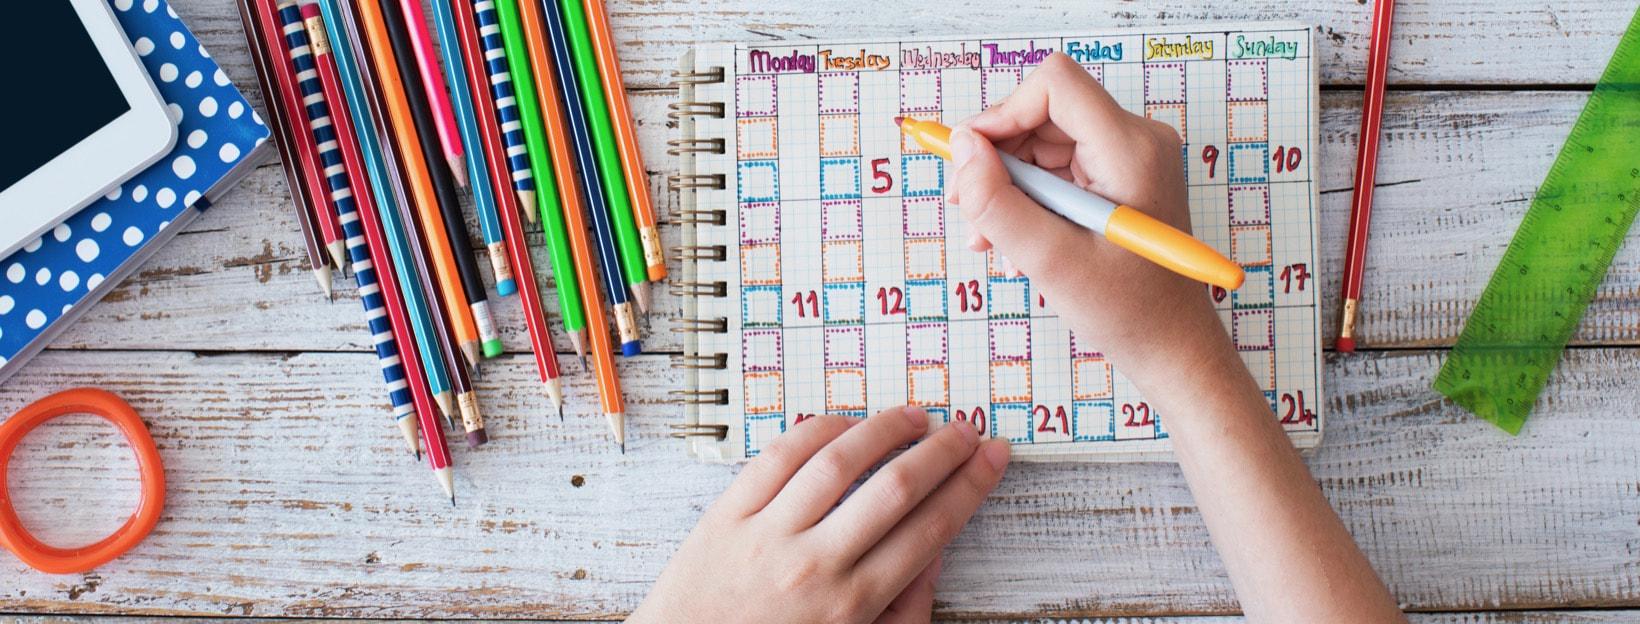 Kind am Holztisch einen Stundenplan malend, umgeben von Stiften, Büchern, Tablet, Lineal und mehr.